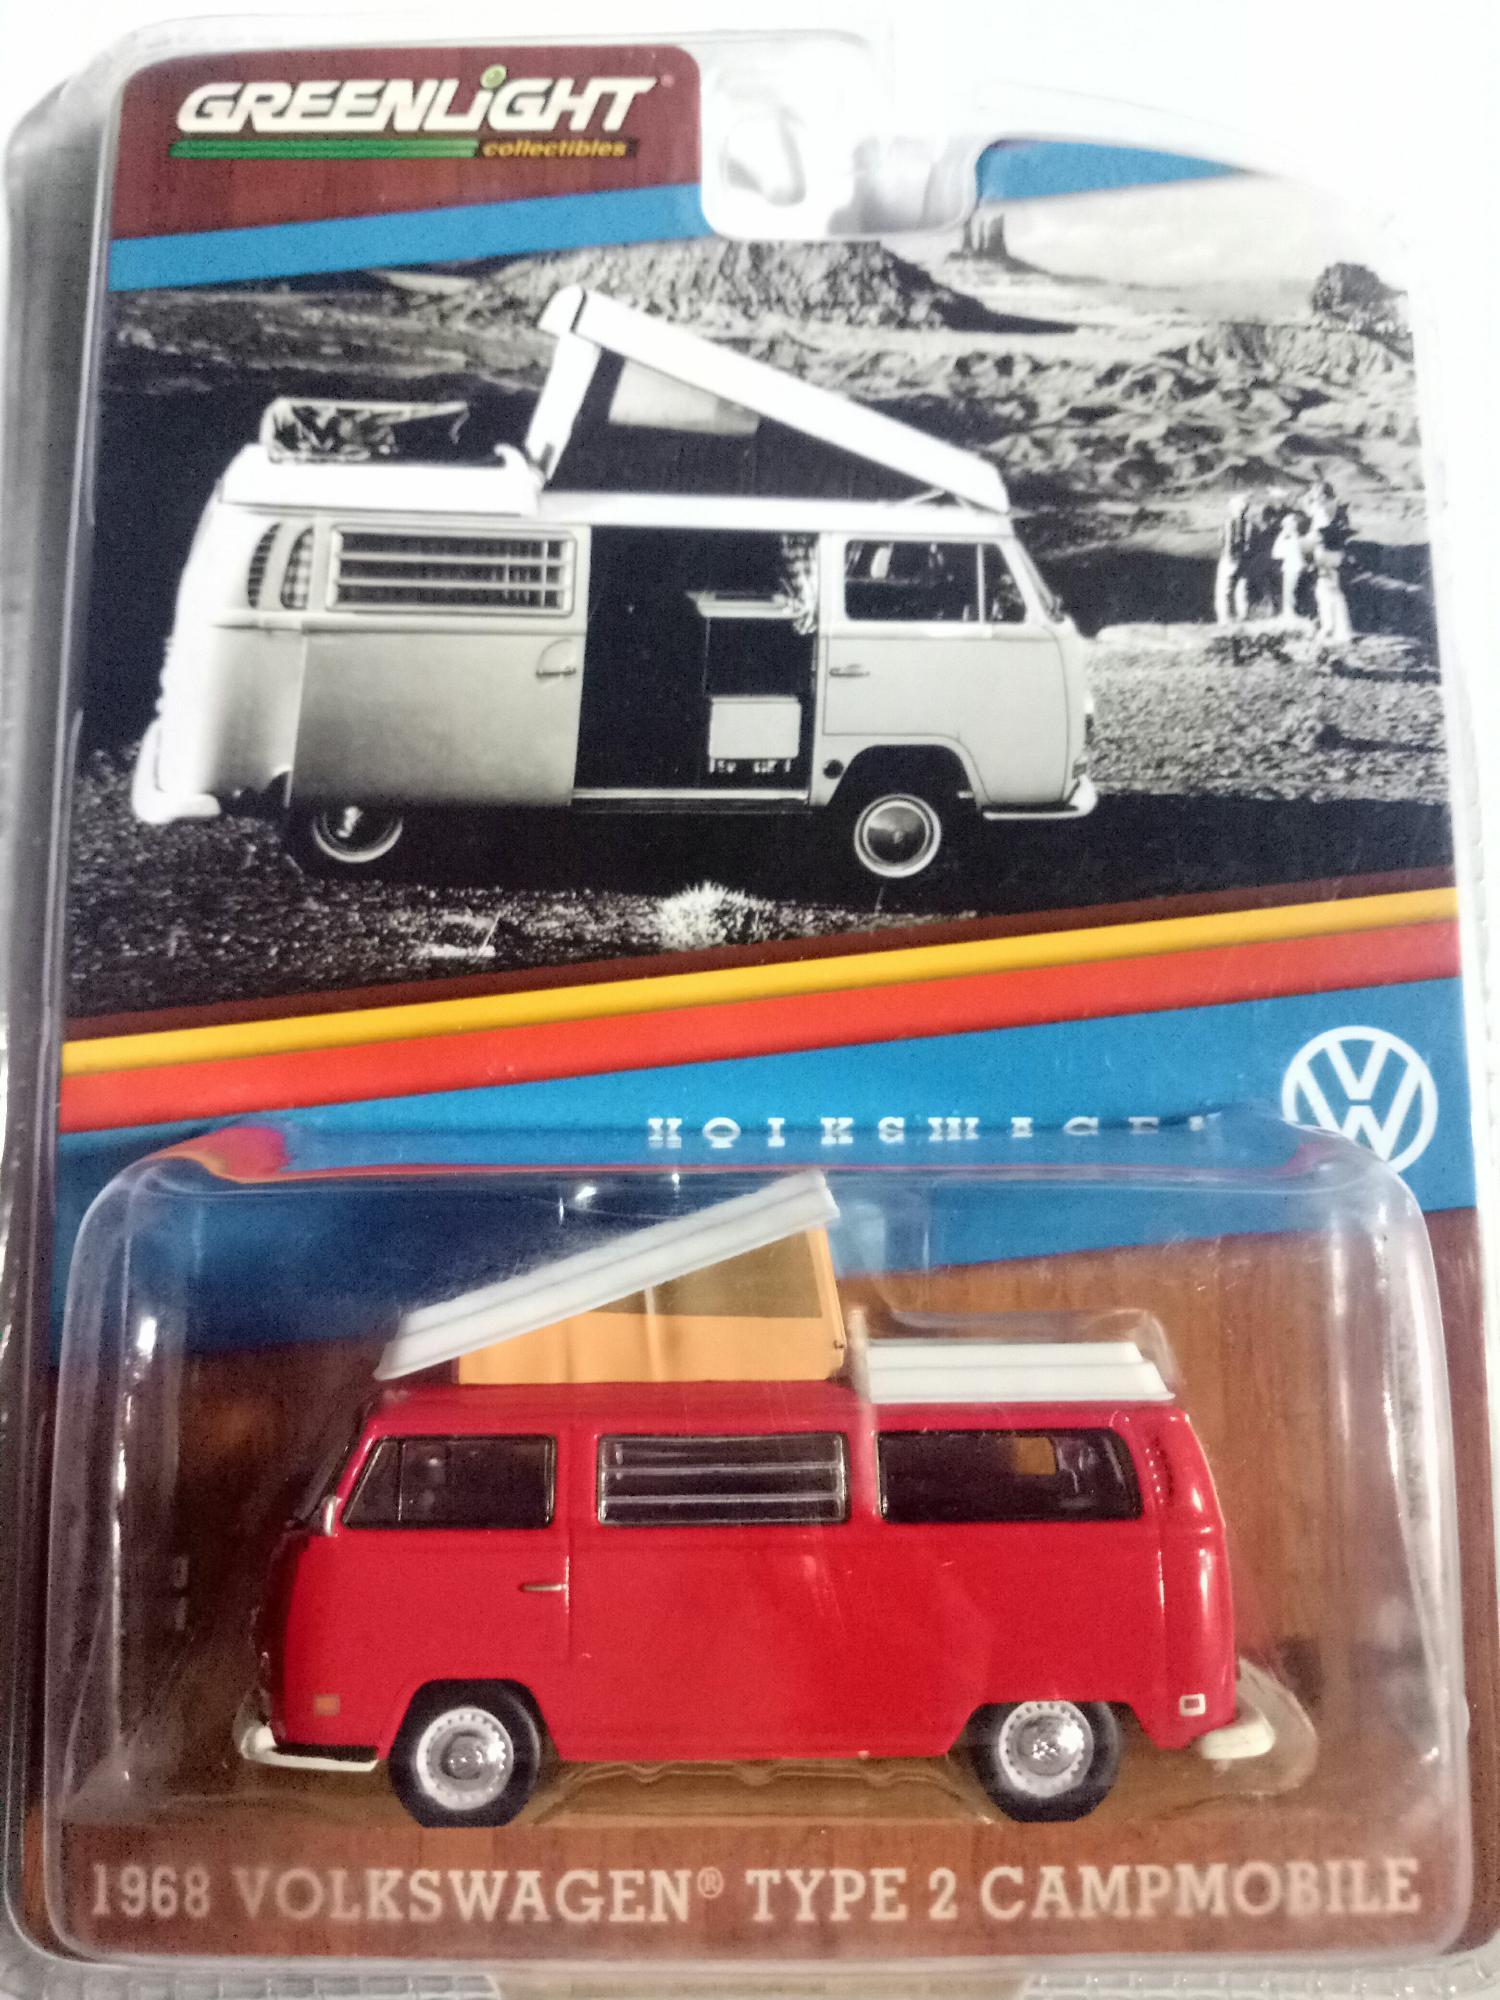 Diecast Greenlight 1968 Volkswagen Type 2 Campmobile Merah